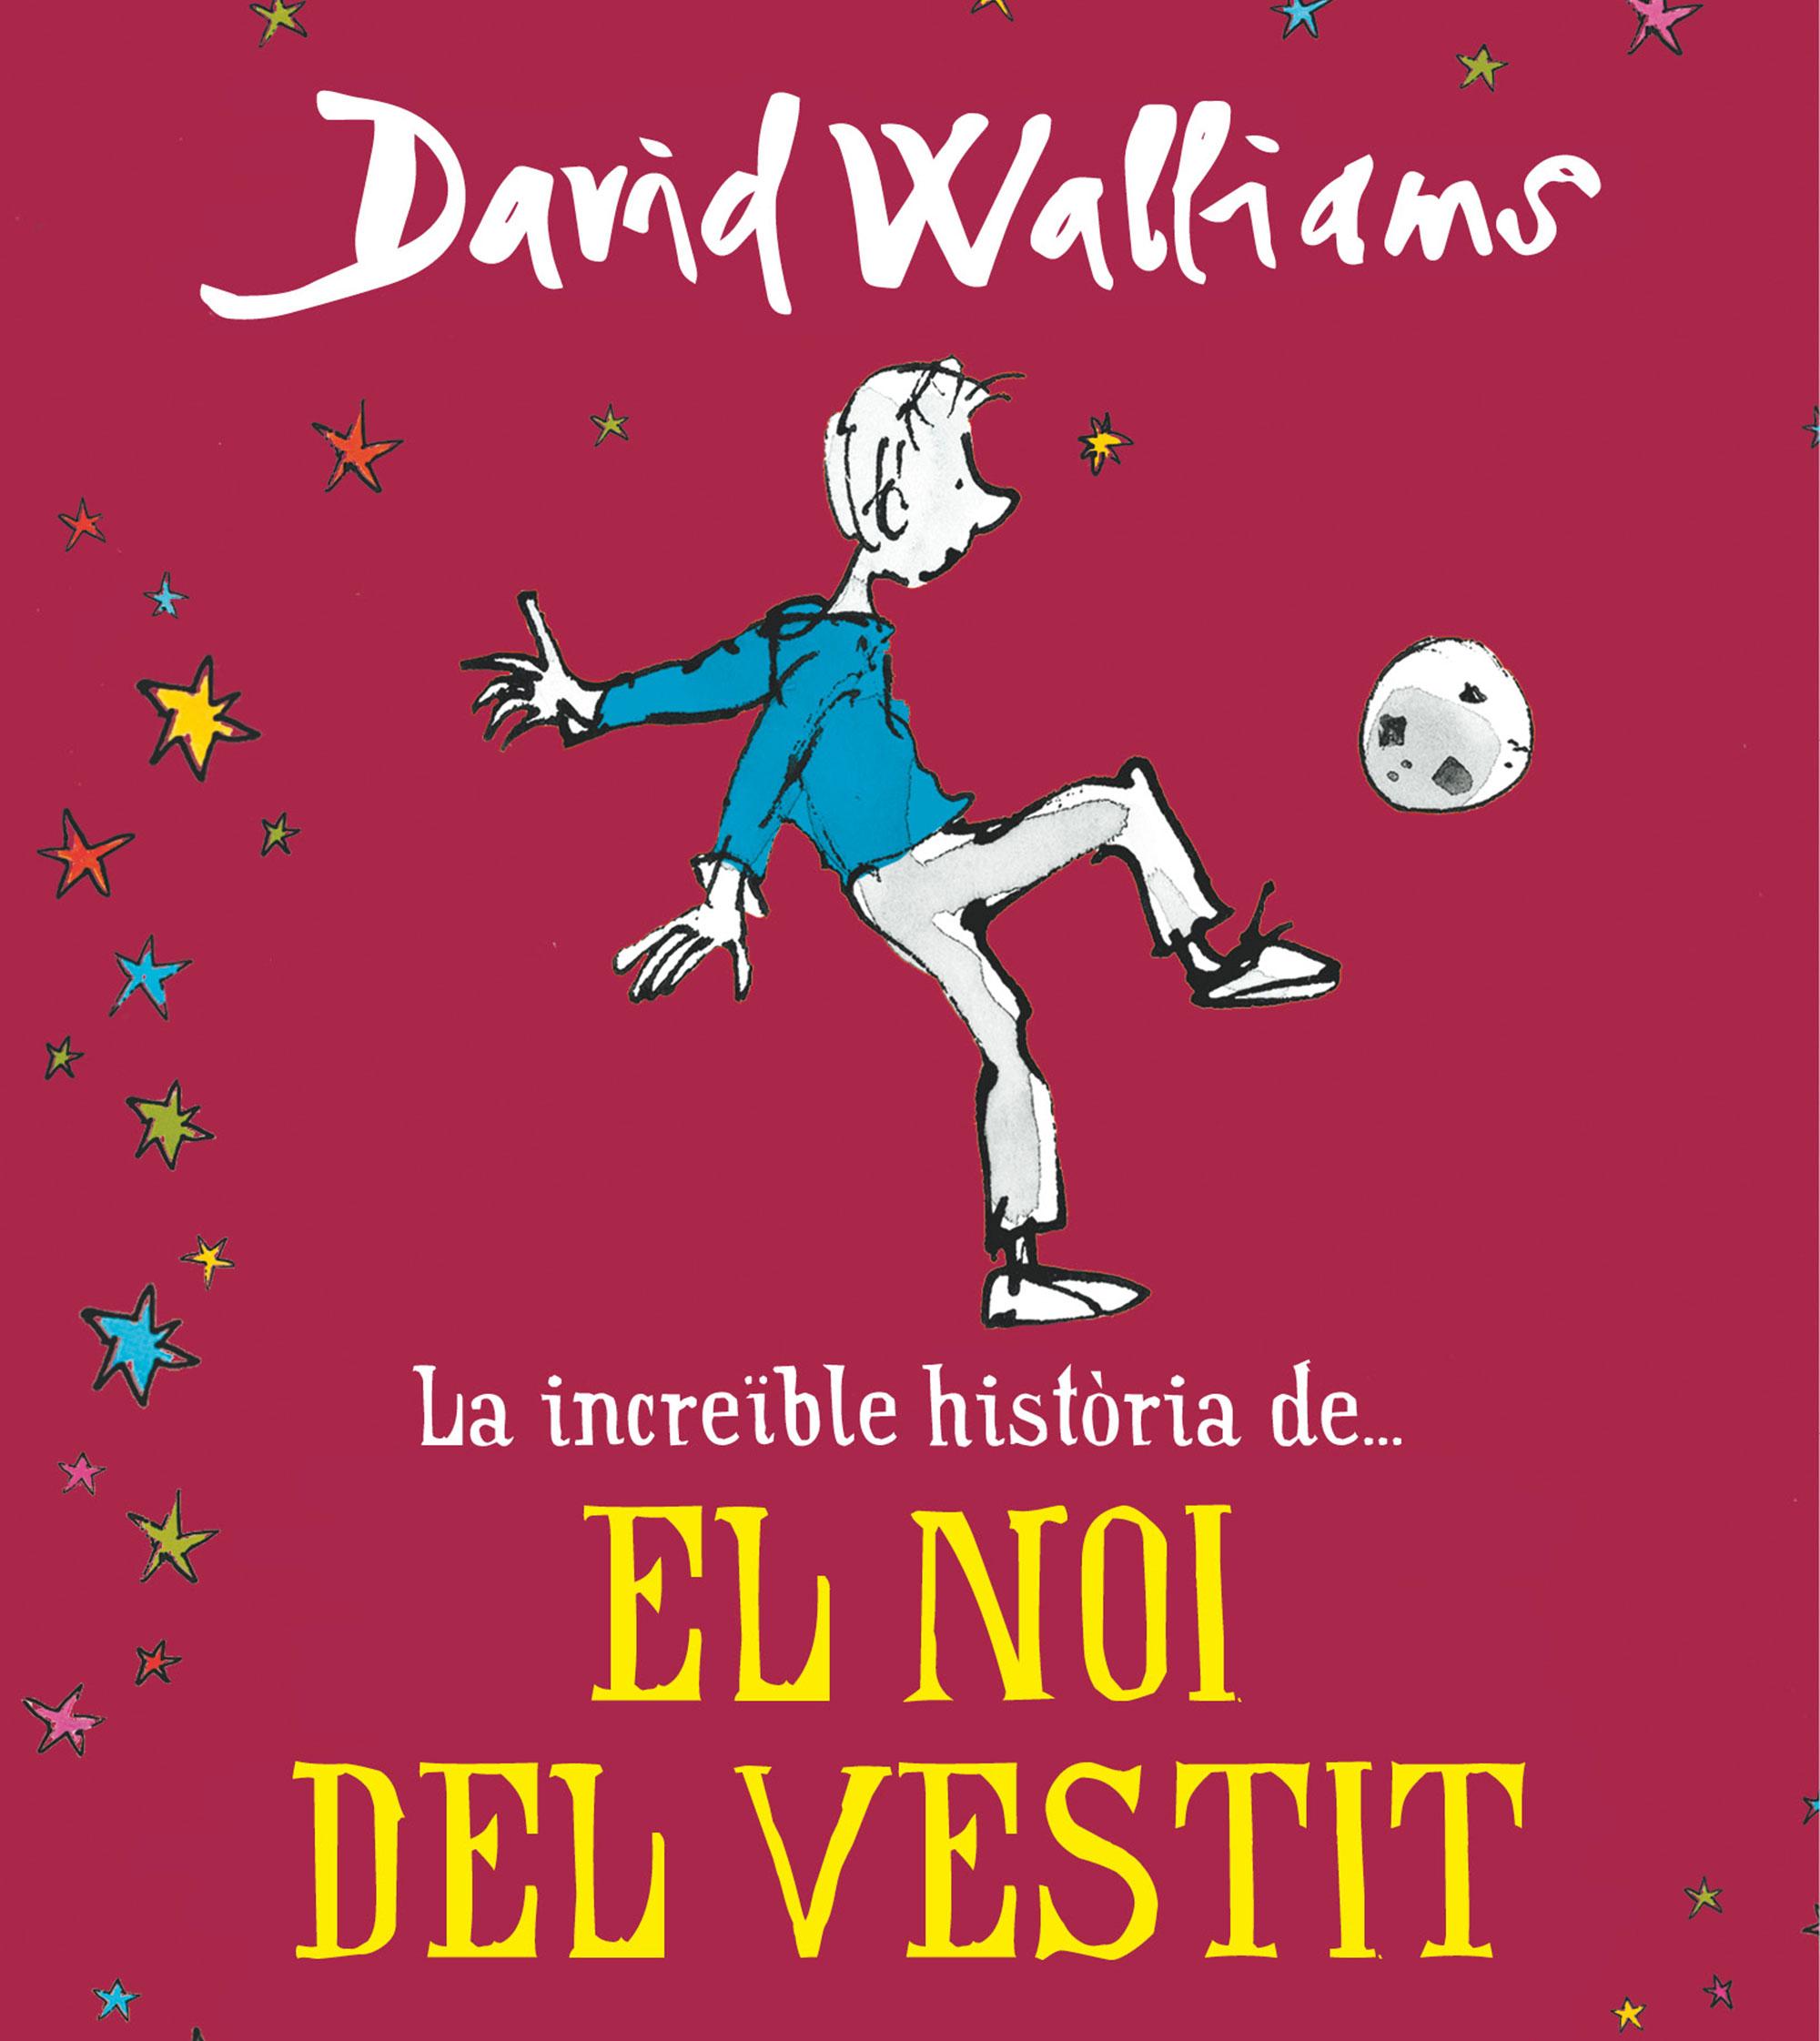 El noi del vestit - David Wallians